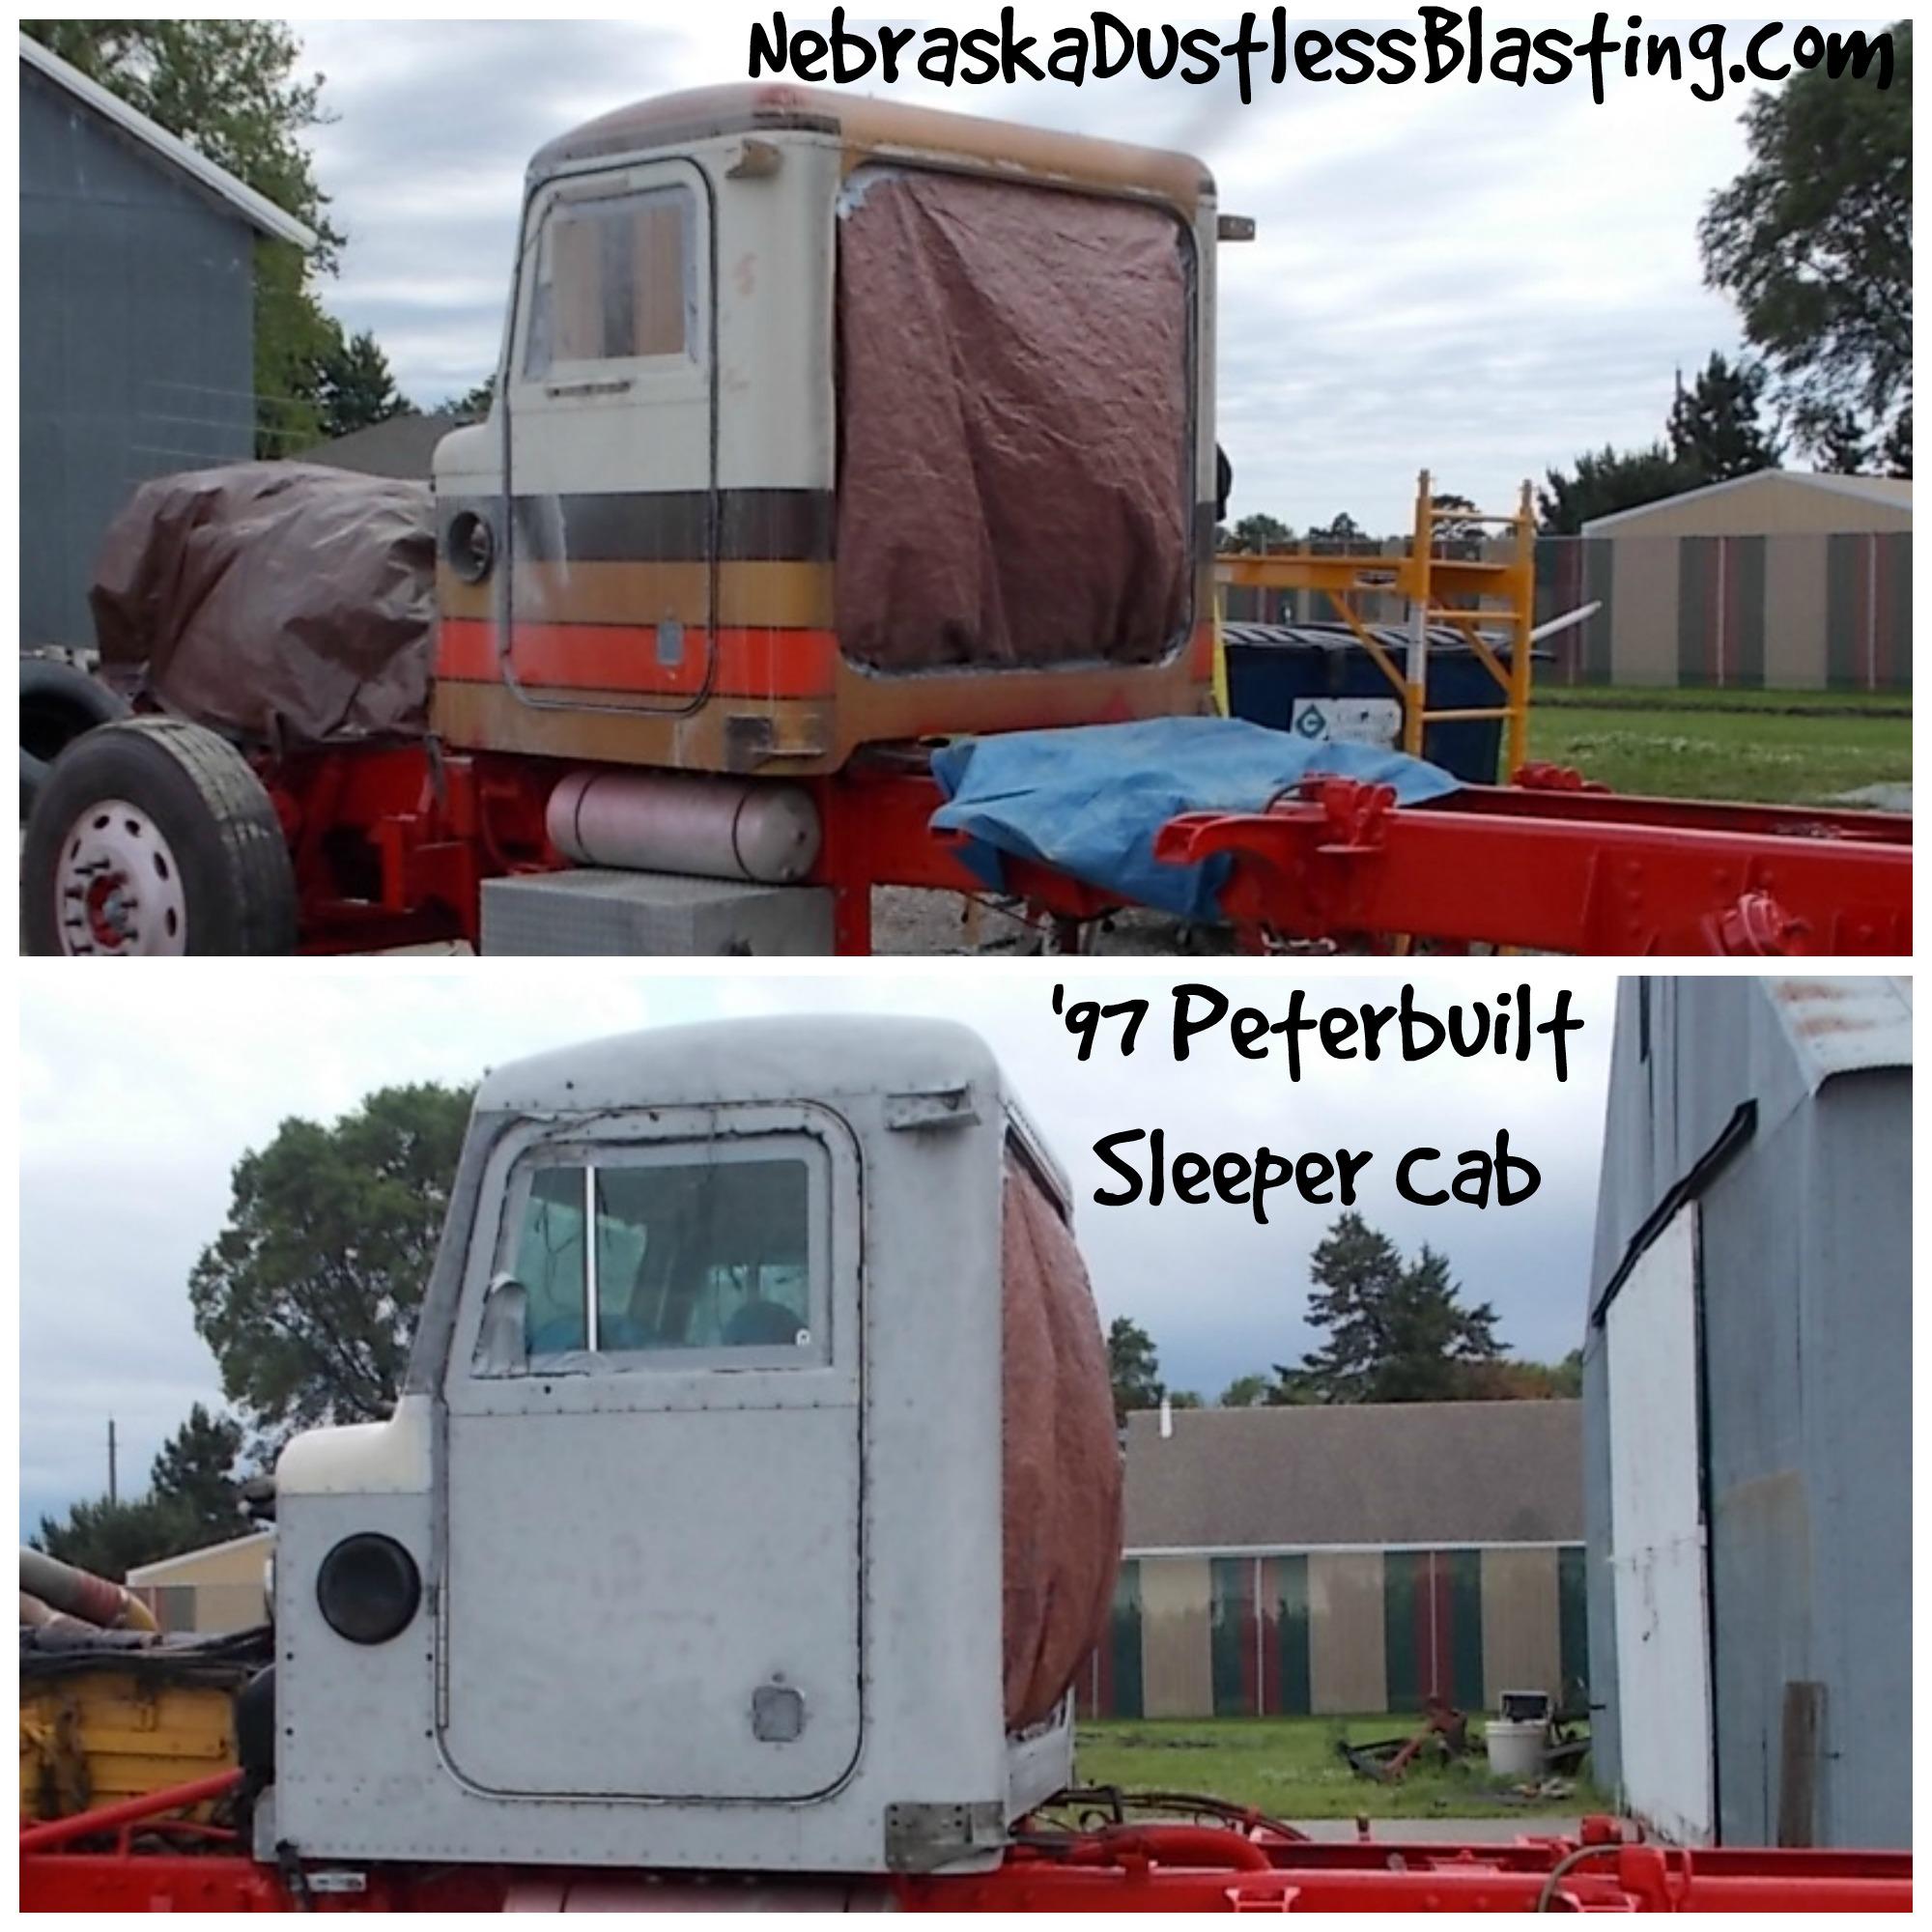 http://nebraskadustlessblasting.com/wp-content/uploads/2015/06/Grant-Built-Peterbuilt-Sleeper-Cab.jpg